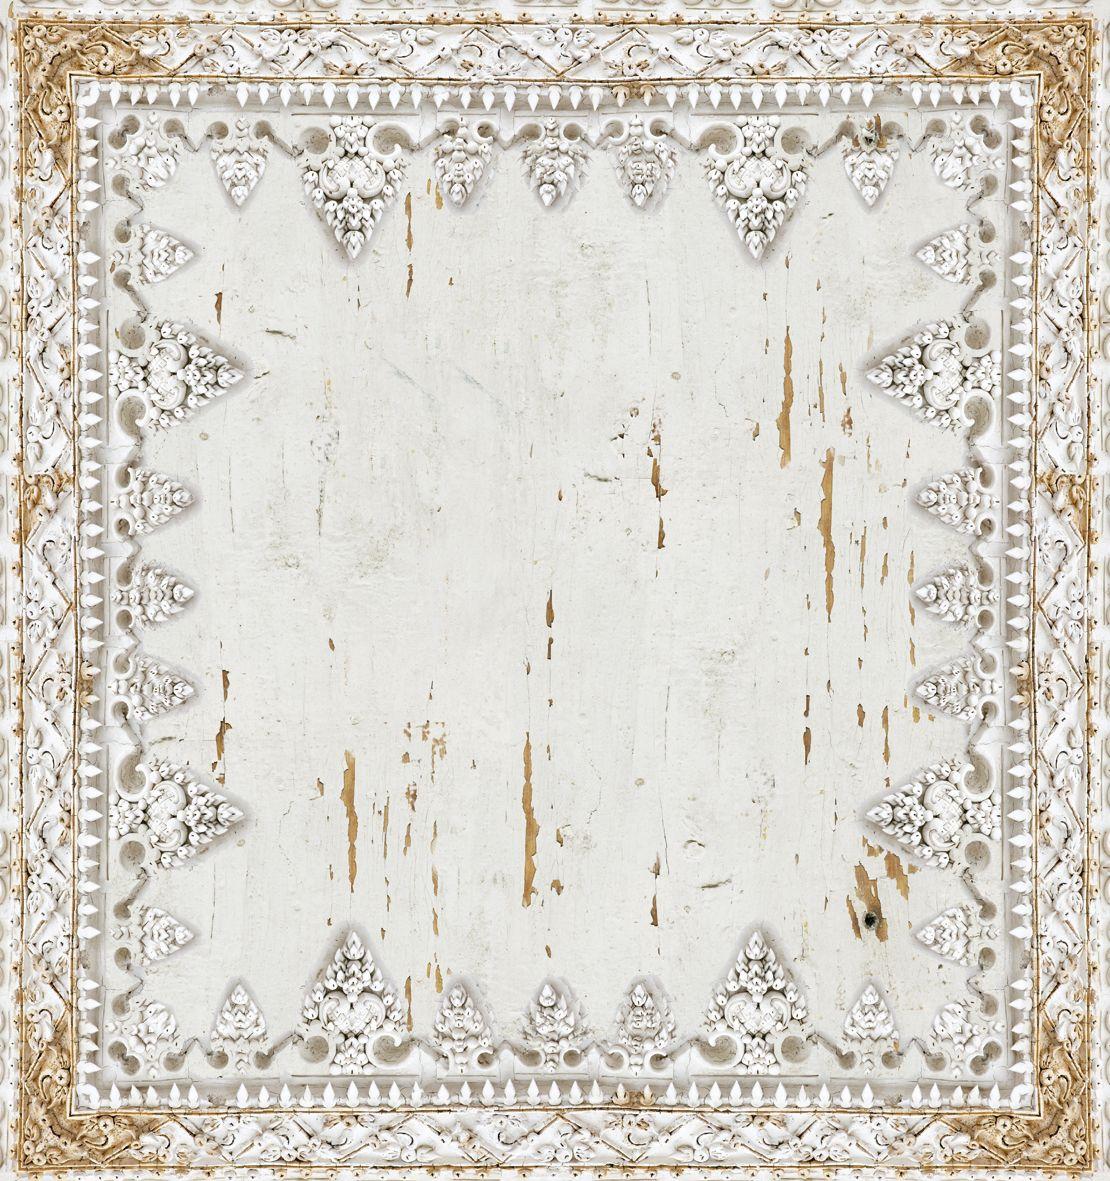 Papier Peint Aspect Mur Pour Salle De Bain Dharma Style By Wall Dec Design Christian Benini